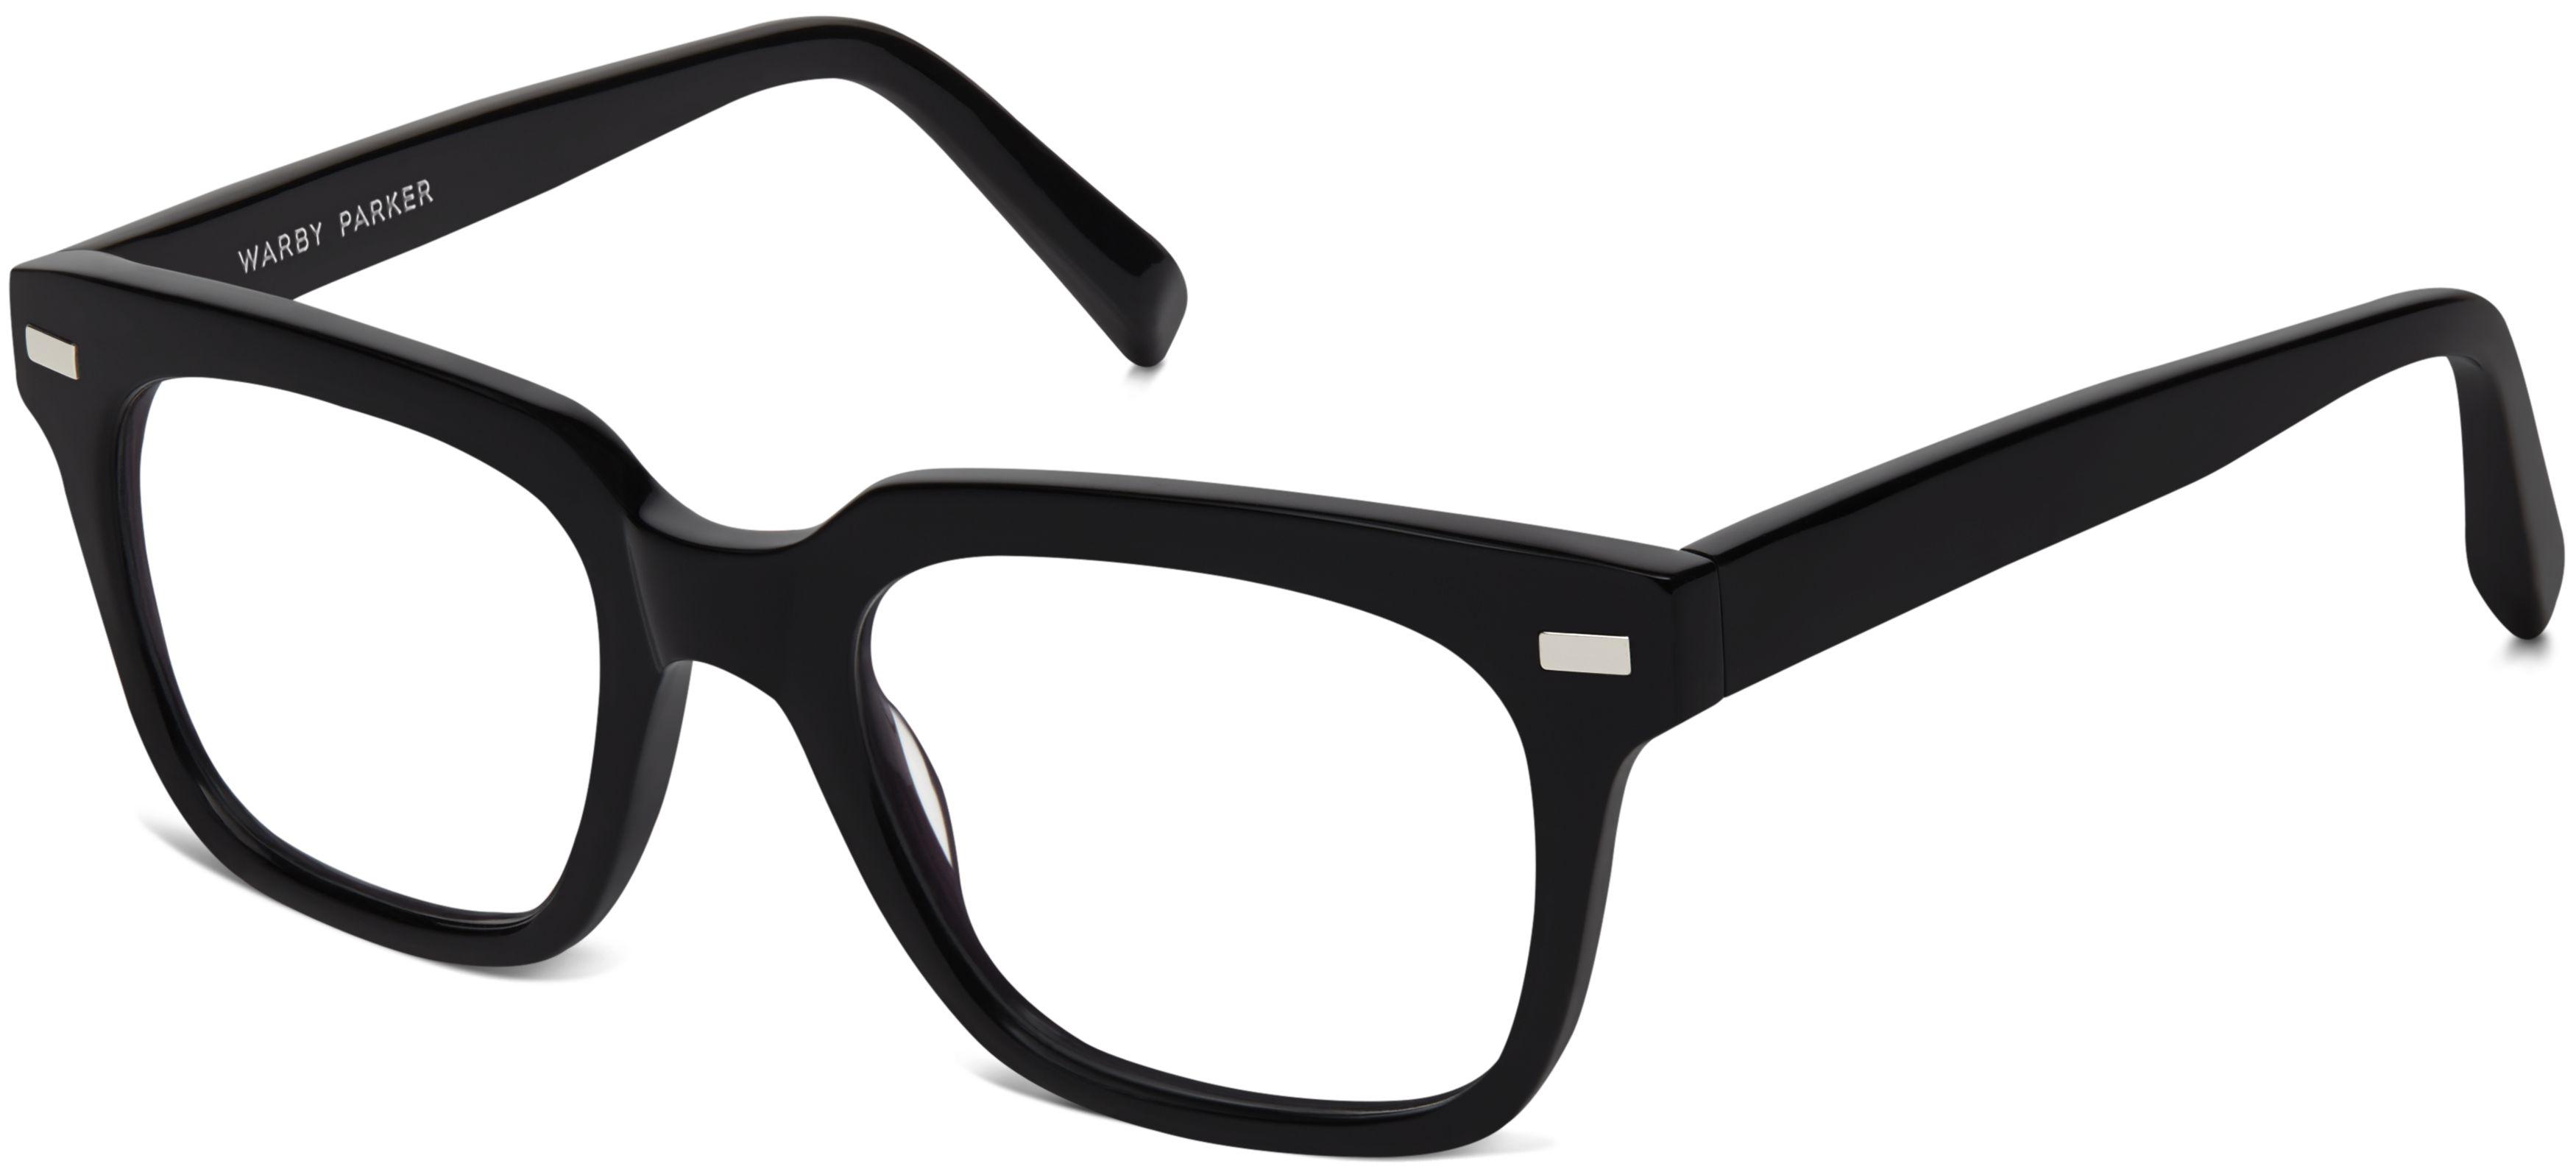 Eye glasses photo